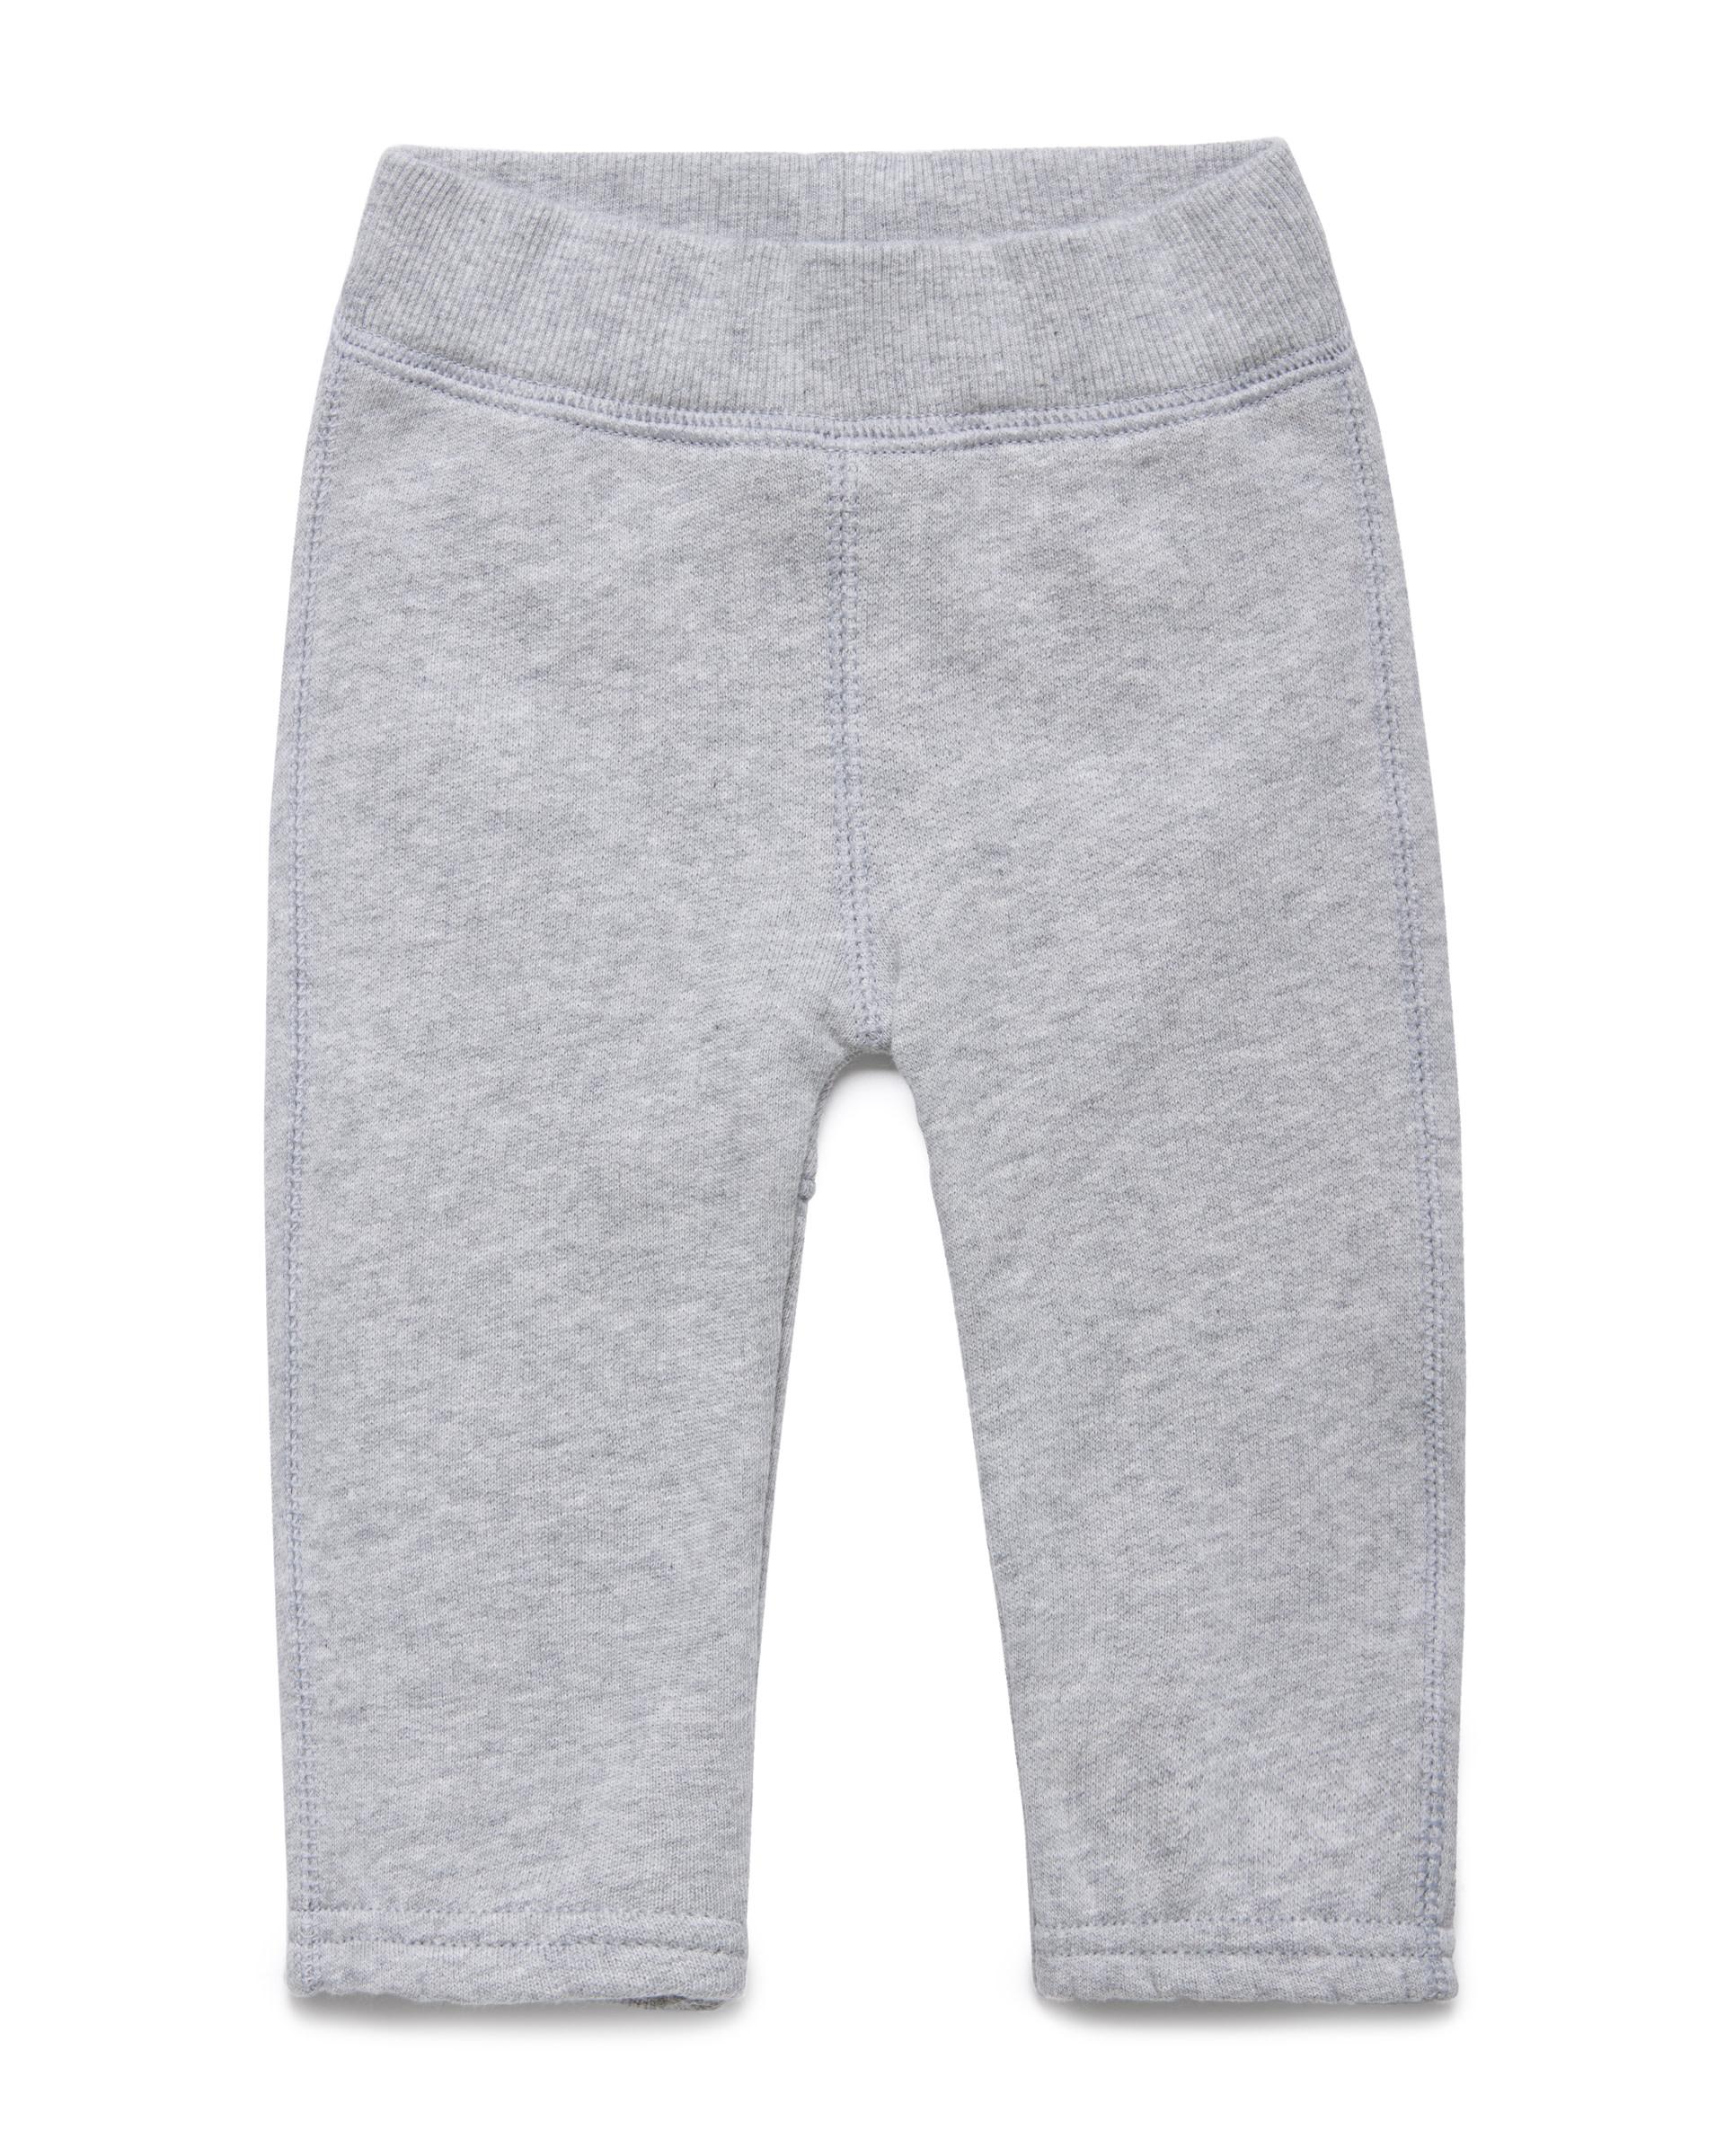 Купить 20P_3J70MF238_501, Спортивные брюки для девочек Benetton 3J70MF238_501 р-р 90, United Colors of Benetton, Детские брюки и шорты